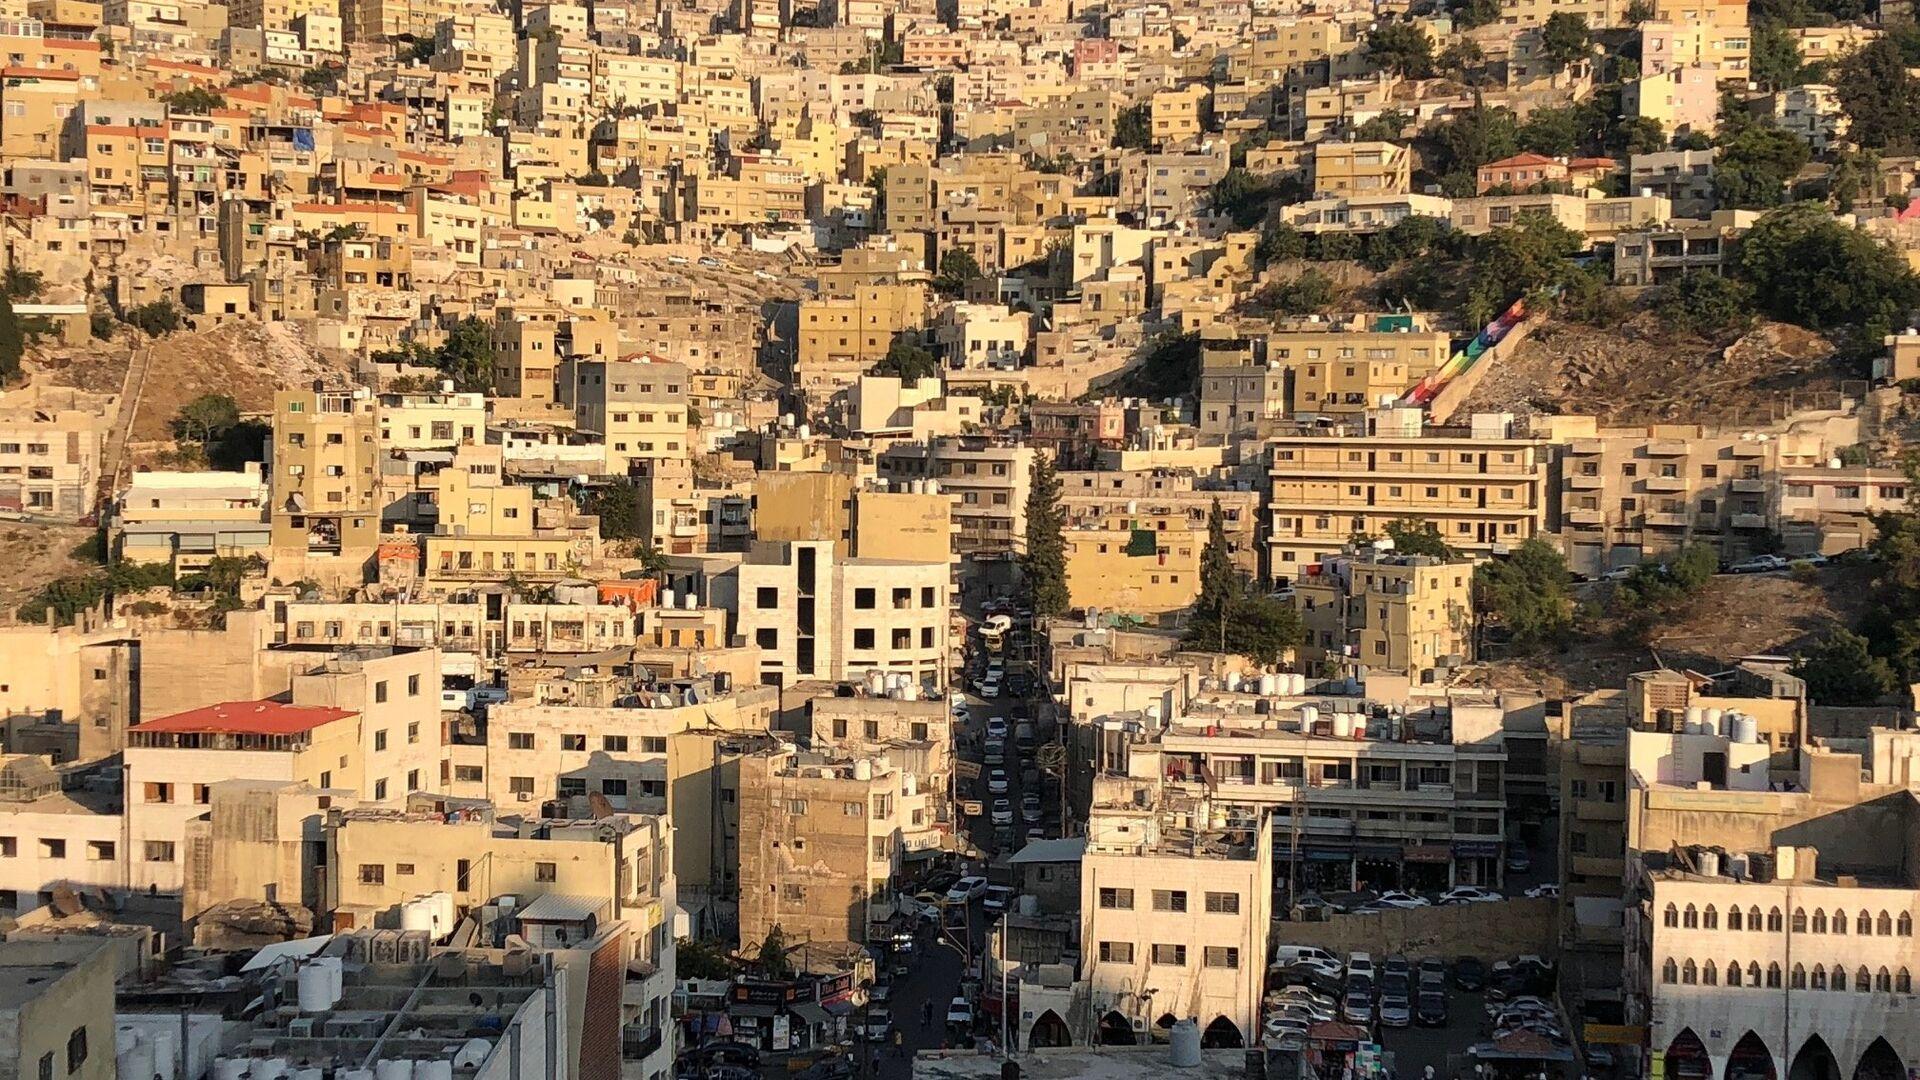 Столица Иордании город Амман - РИА Новости, 1920, 26.02.2020